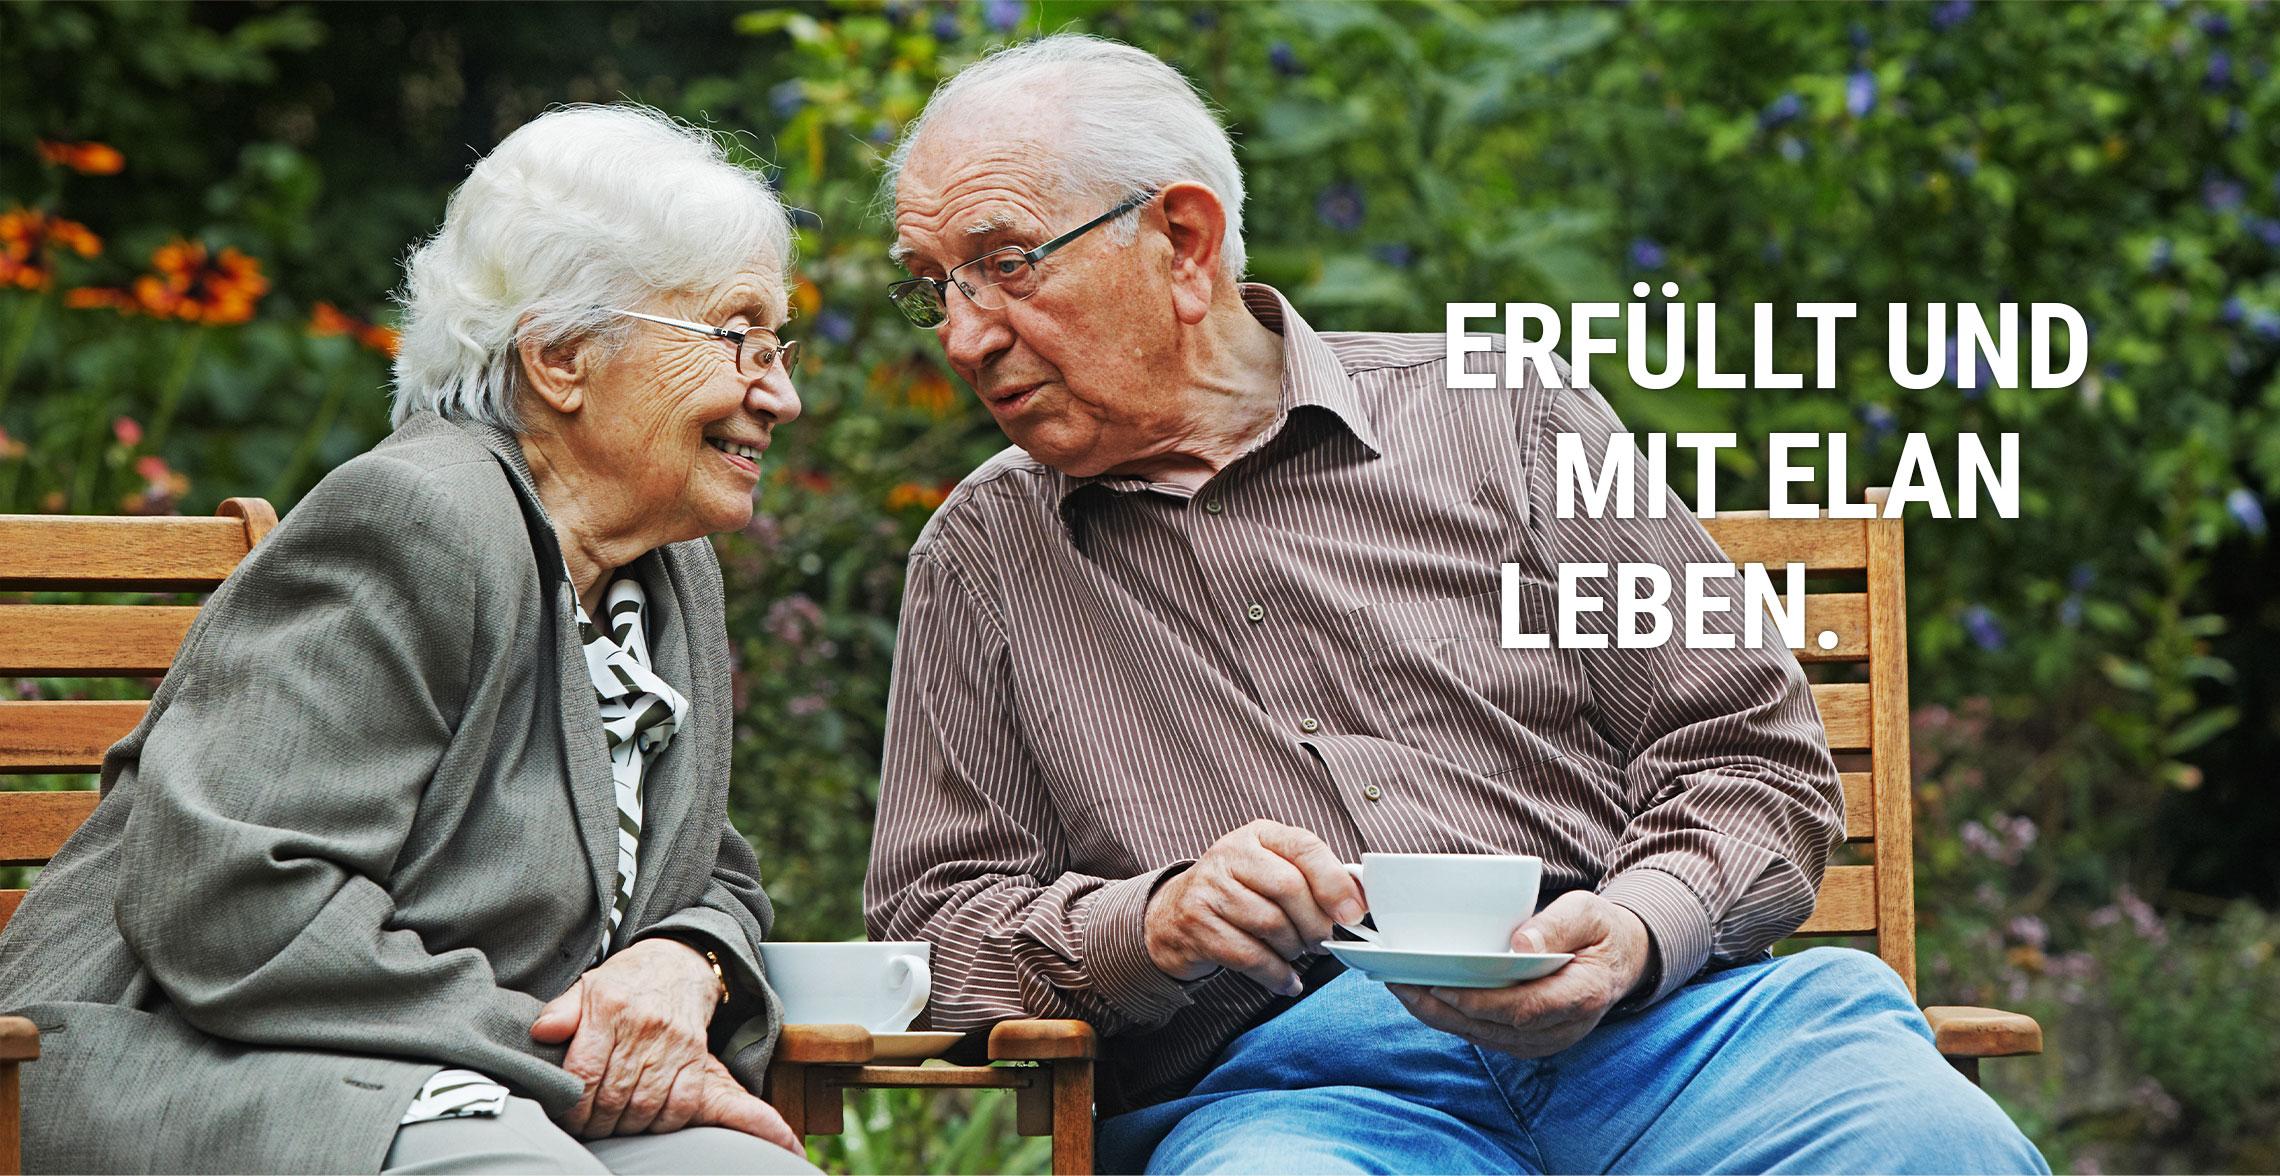 Senioren auf Parkbank mit Kaffee